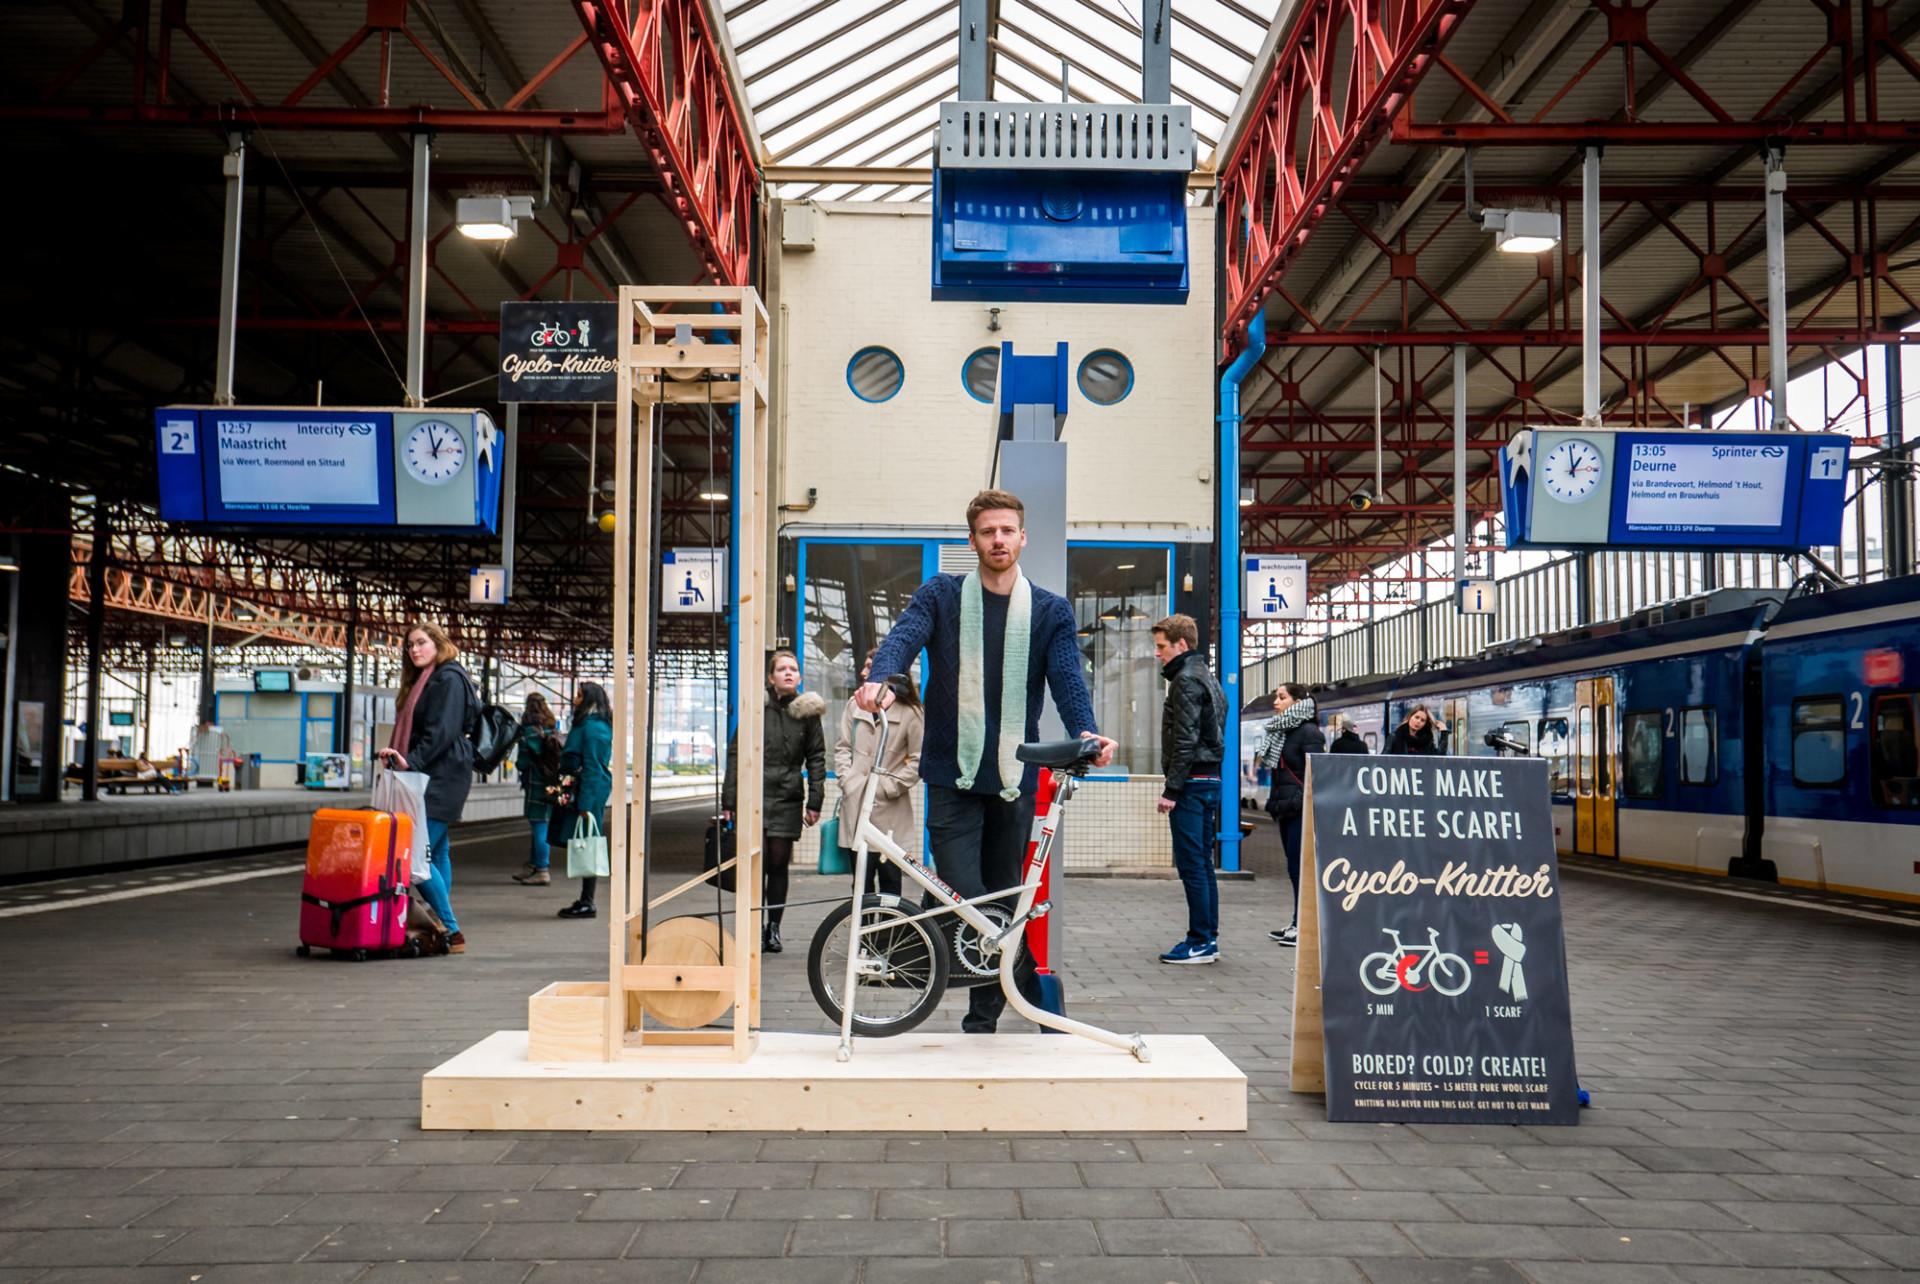 Cyclo Knitter: รถไฟฟ้ายังไม่มาอย่าเพิ่งอารมณ์เสีย ปั่นจักรยานถักผ้าพันคอรอก่อนได้!